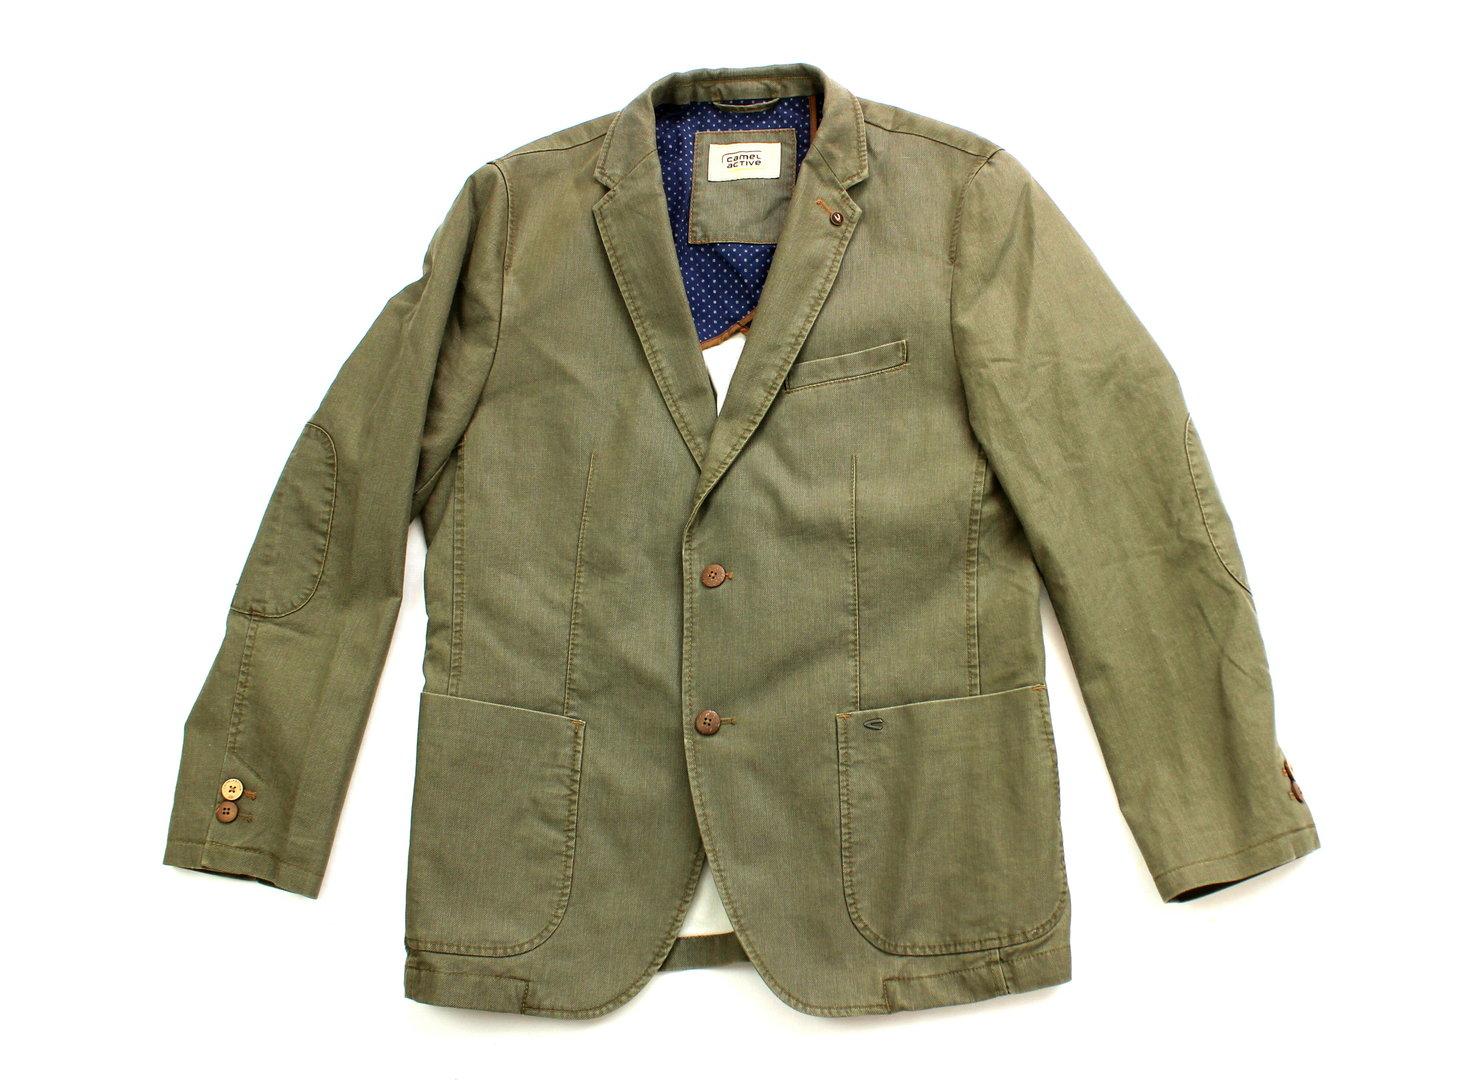 newest collection 963e7 cc46a CAMEL ACTIVE Sakko Jacke Herren oliv Comfort Fit Gr.50